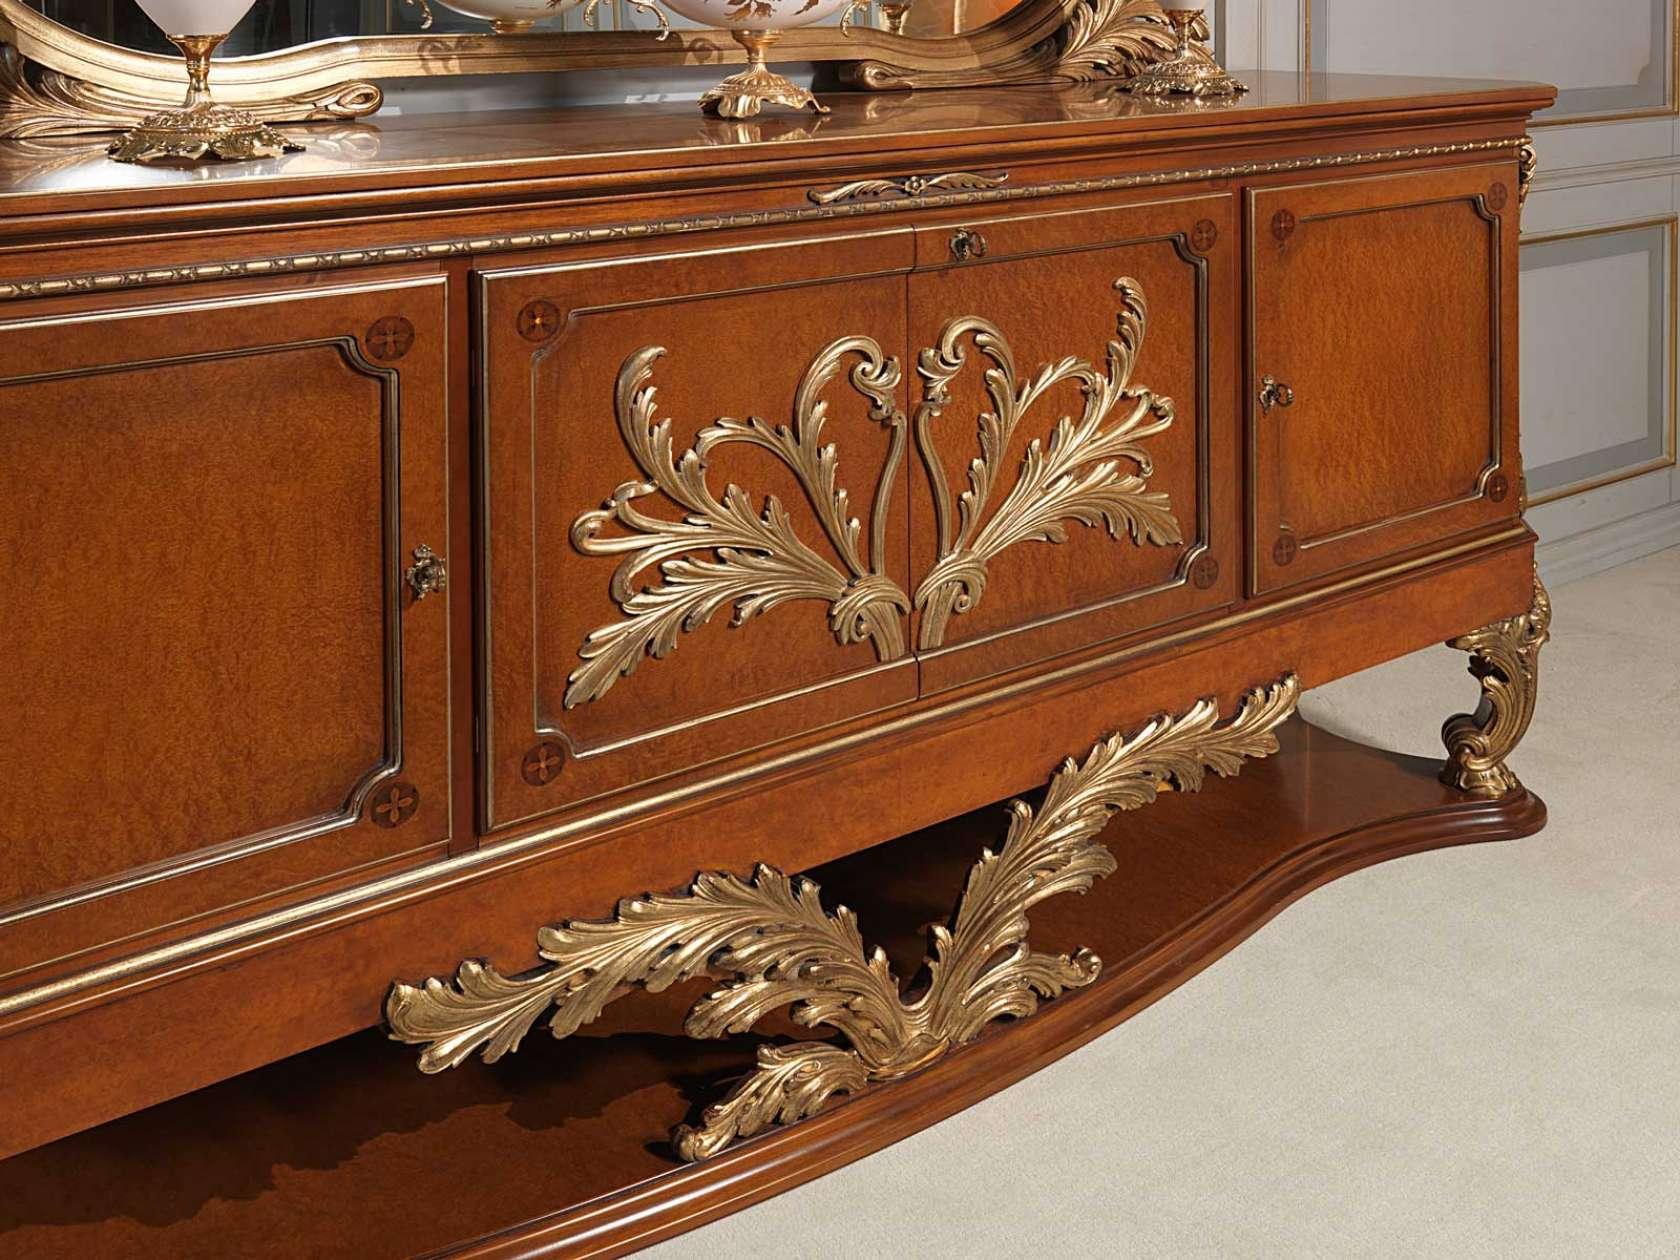 Versailles sideboard in Louis XVI style, carvings   Vimercati ...